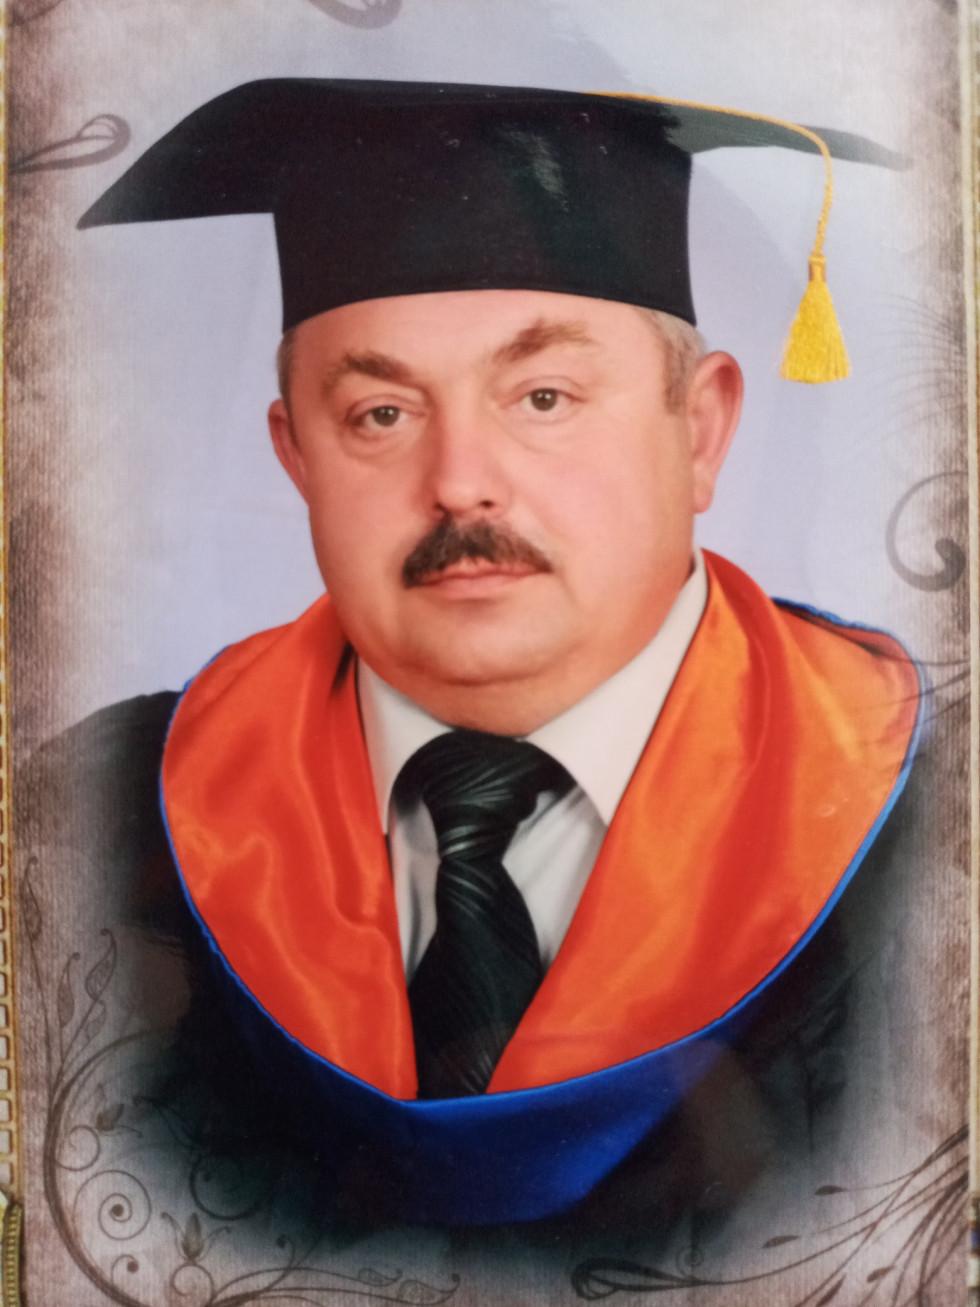 Володимир Дибель отримав диплом національної академії державного управління при президентові України, здобувши освітній ступінь магістра